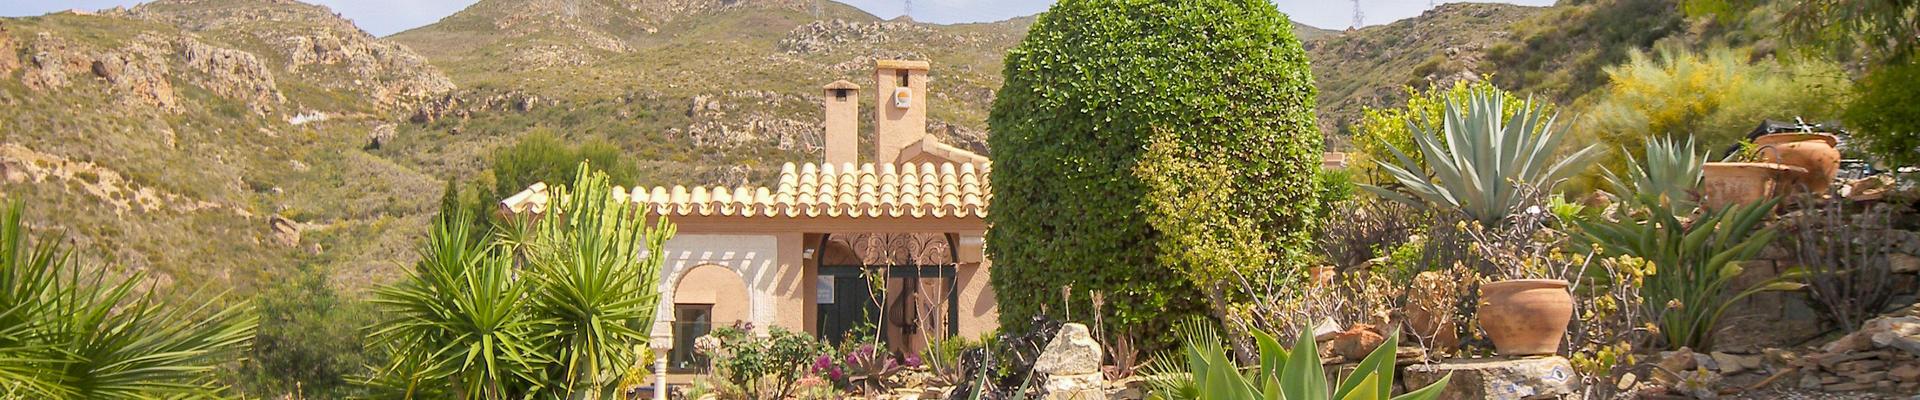 DV1402: 3 Bedroom Villa for Sale